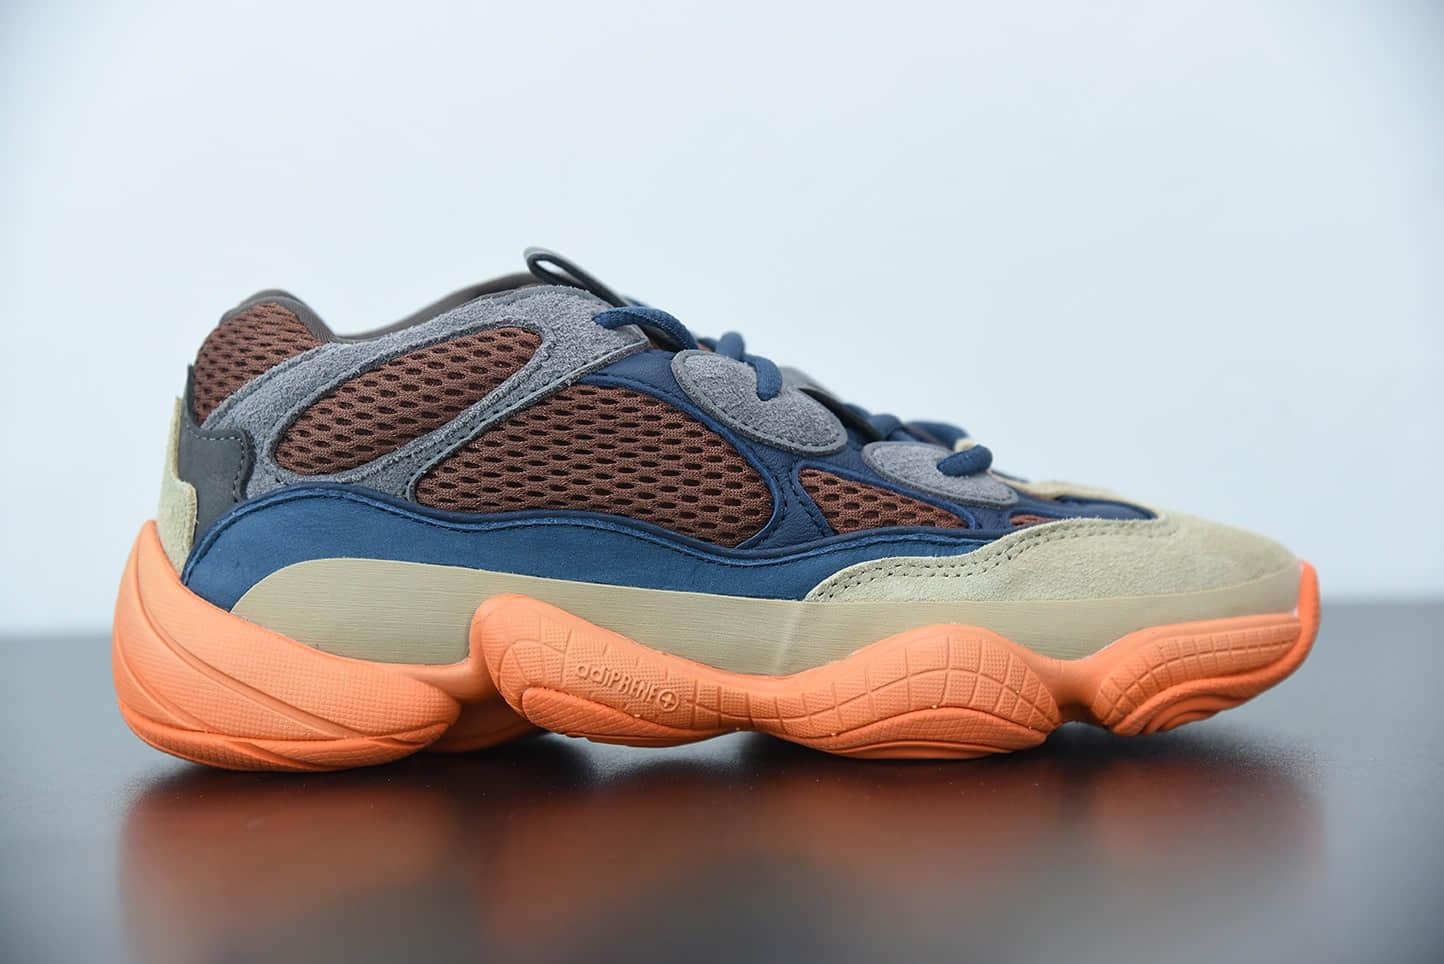 阿迪达斯KANYE WEST x adidas Yeezy 500Enflame海军蓝暴力橙复古老爹风厚底休闲运动慢跑鞋纯原版本 货号:GZ5541